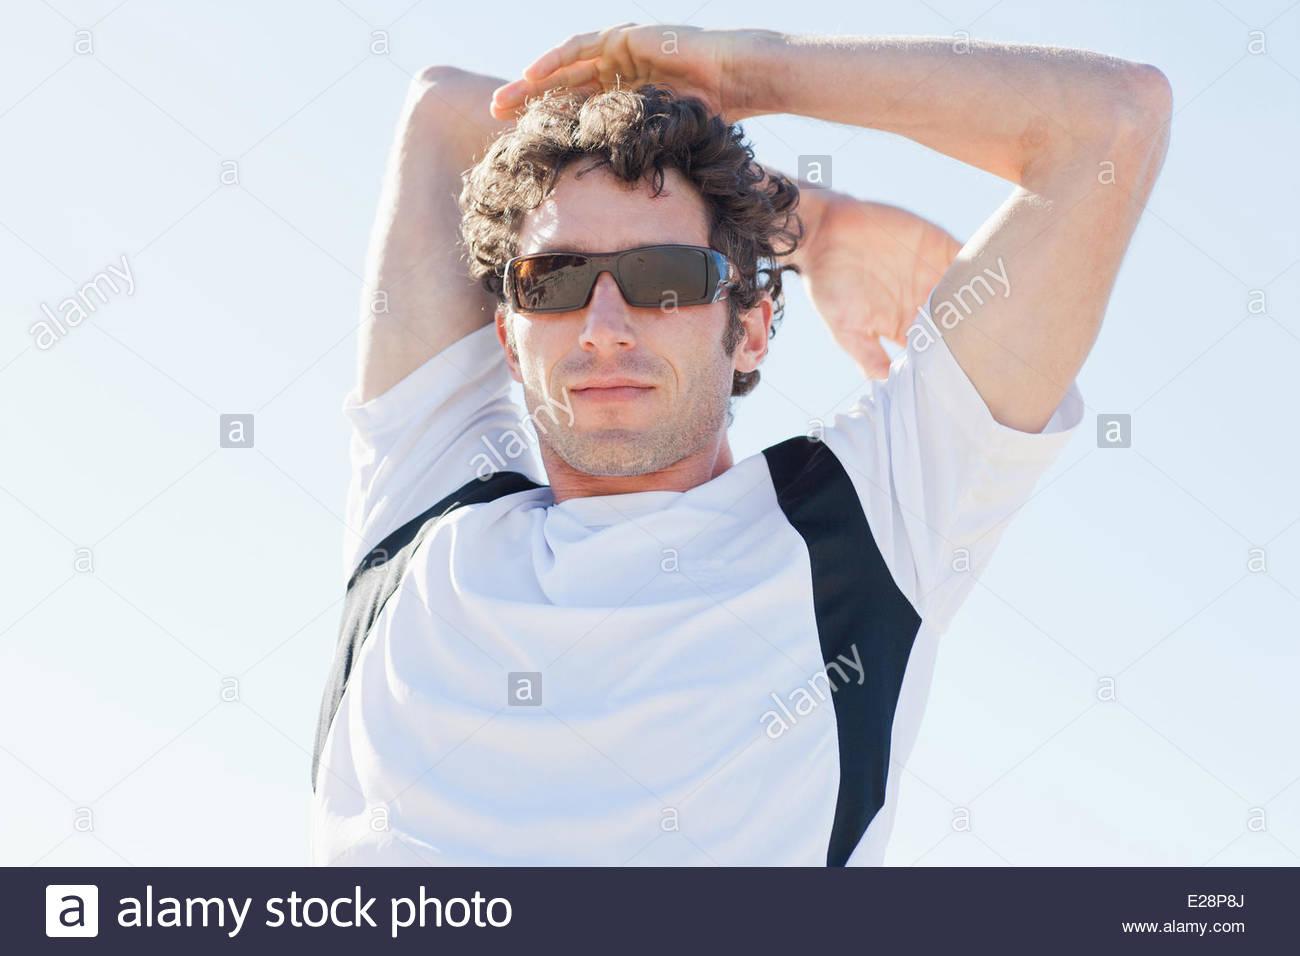 Man in sportswear - Stock Image